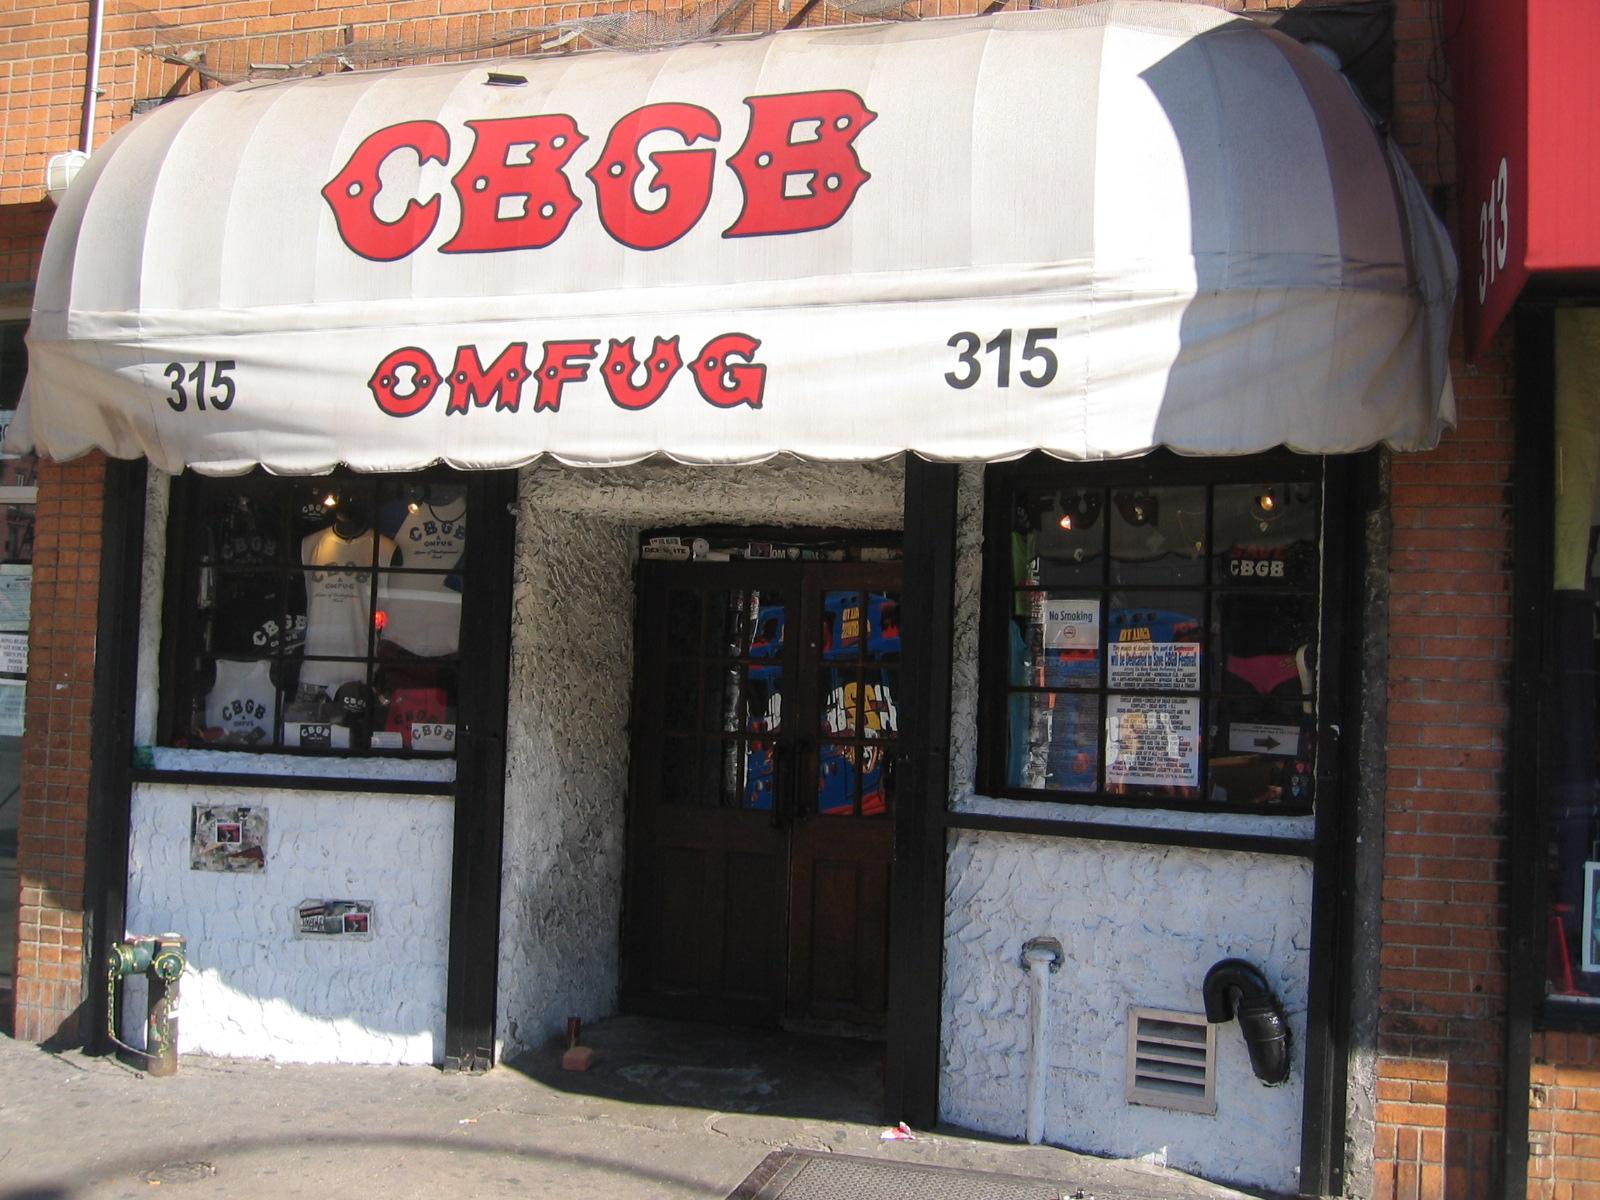 cbgb_club_facade_adam-di-carlo